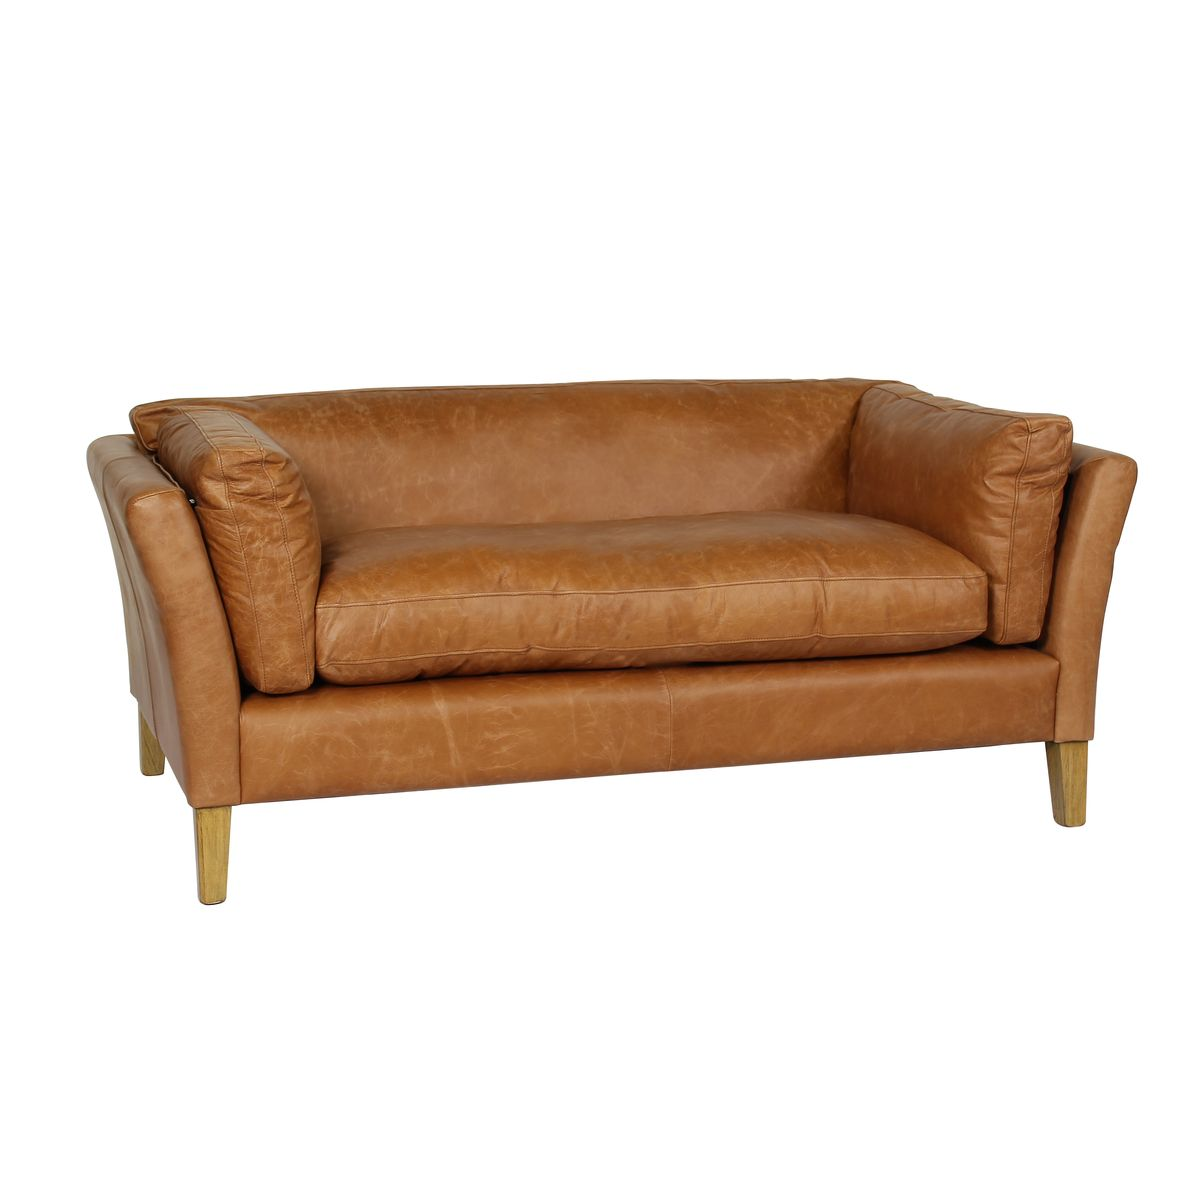 Canapé droit 3 places en cuir noisette pieds en bois